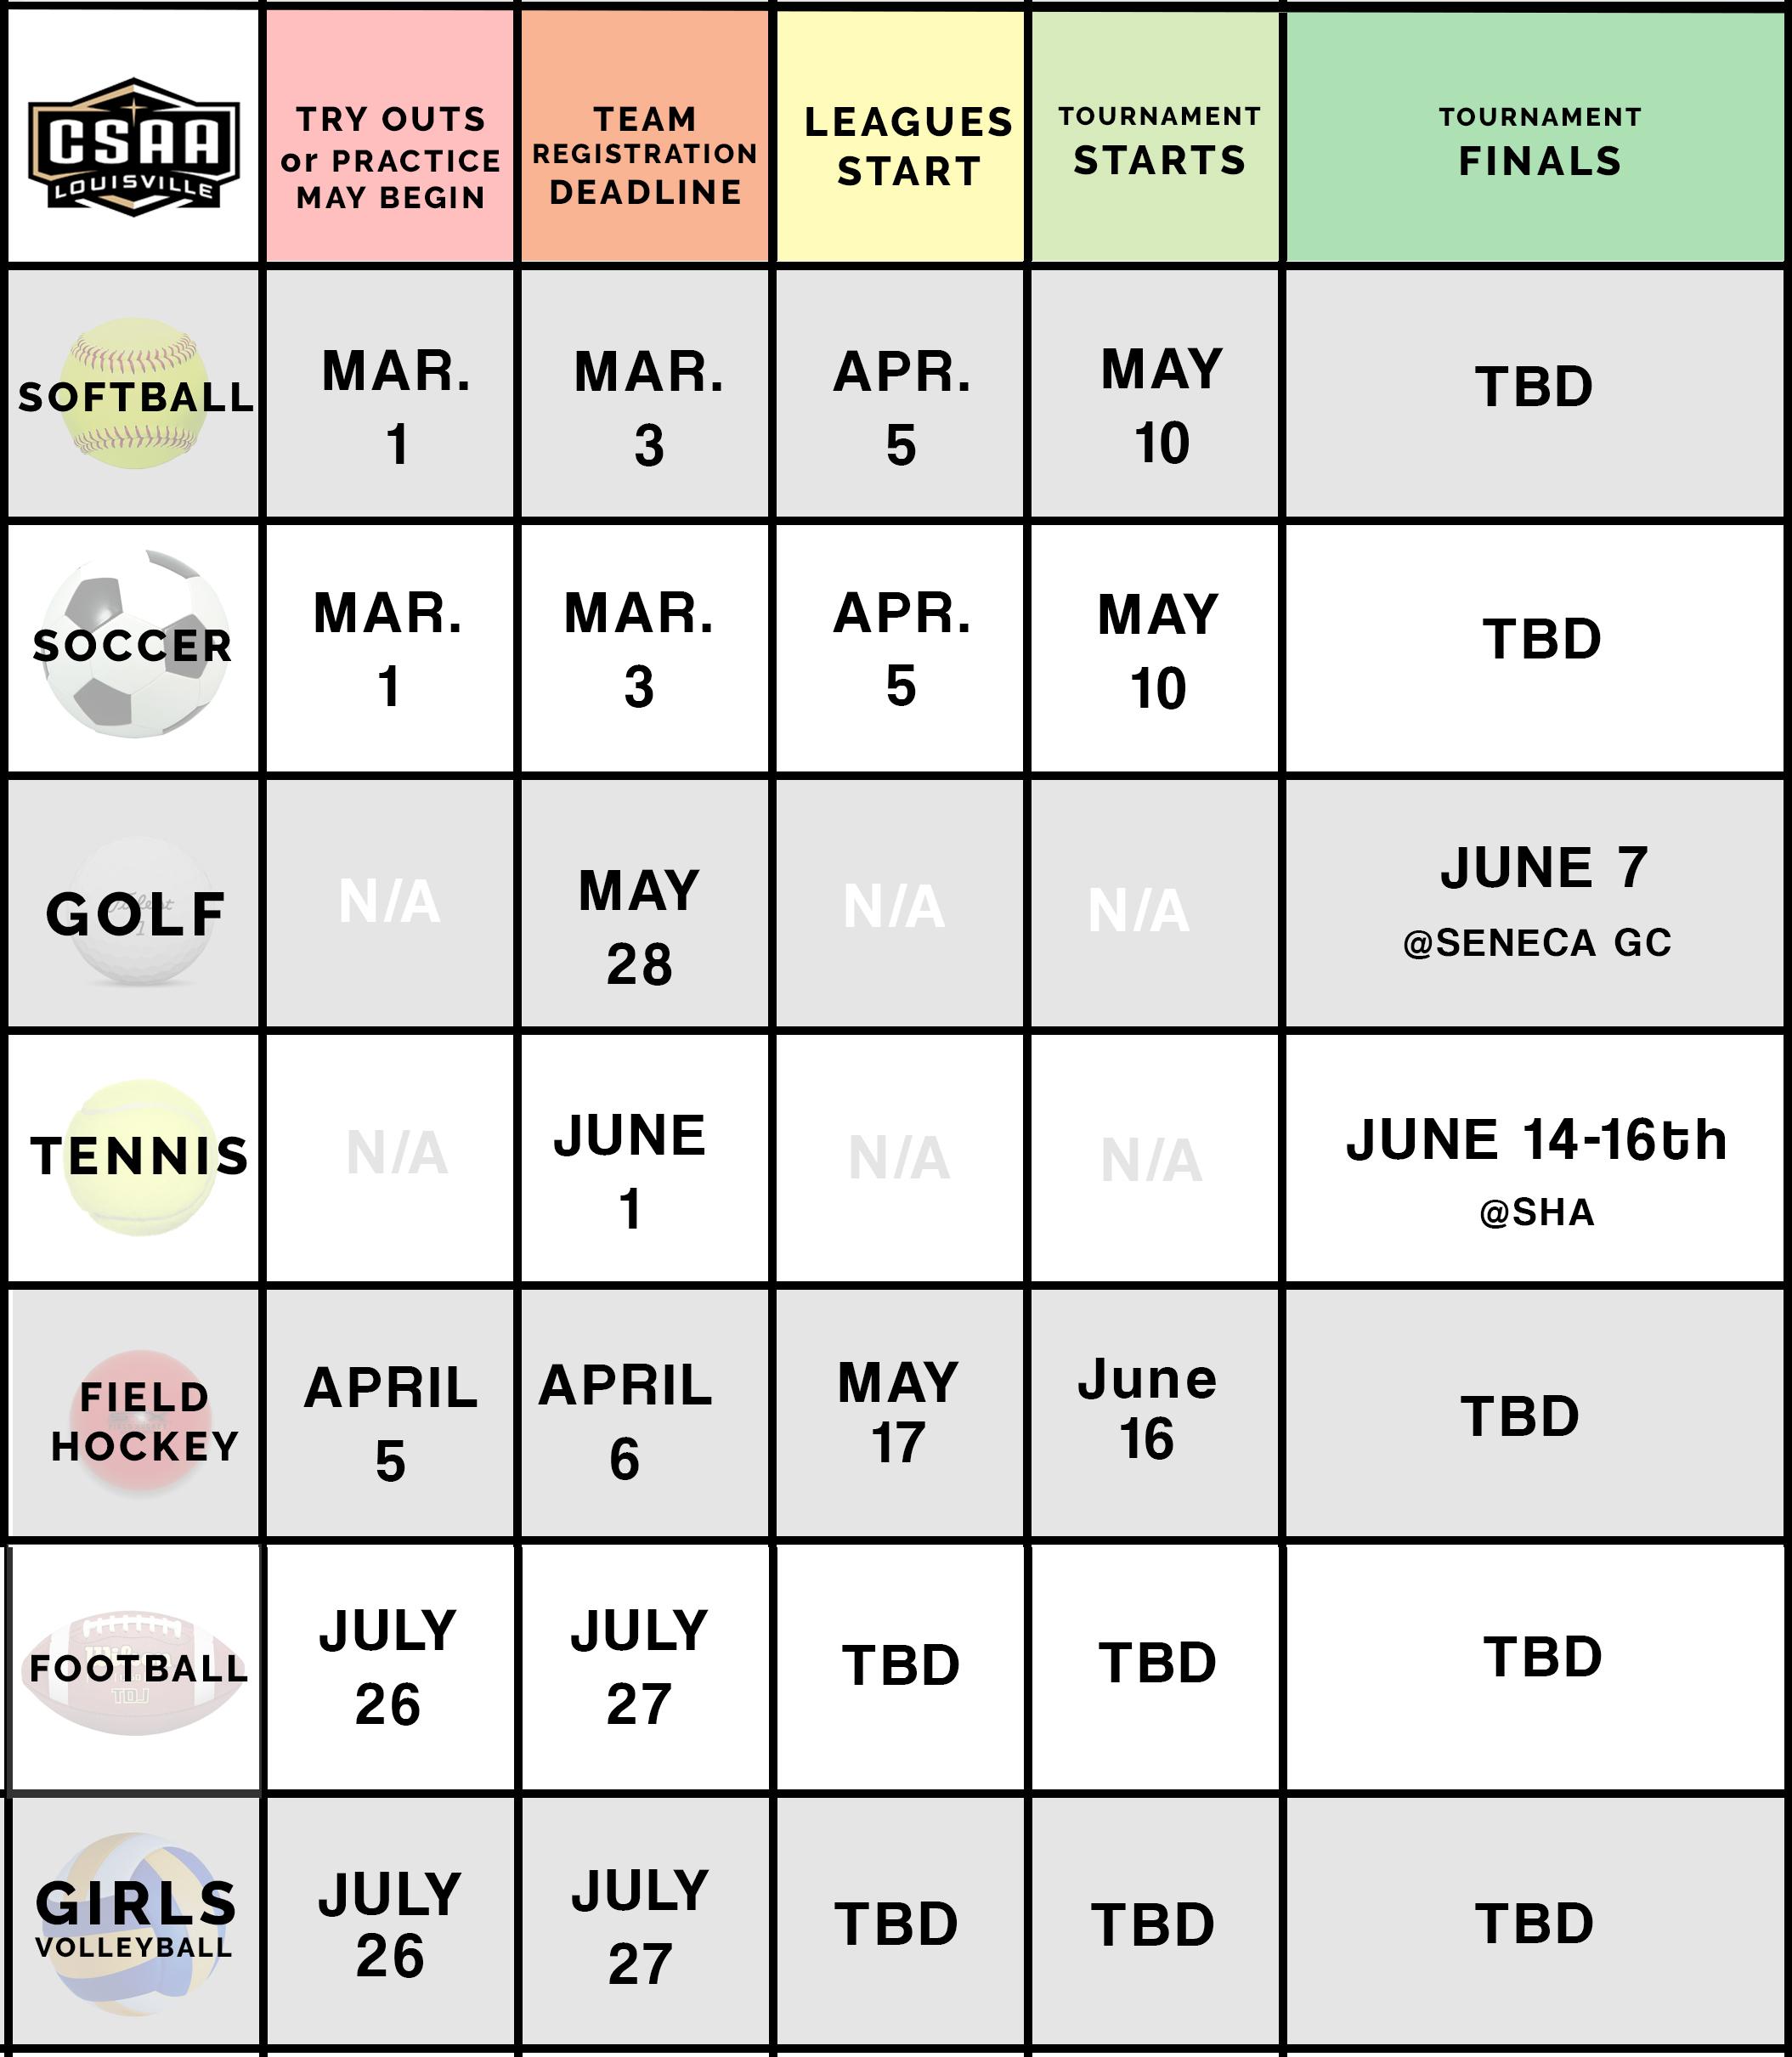 https://loucsaa.net/wp-content/uploads/2021/05/CSAA-Sports-Calendar-May-2021-copy.jpg